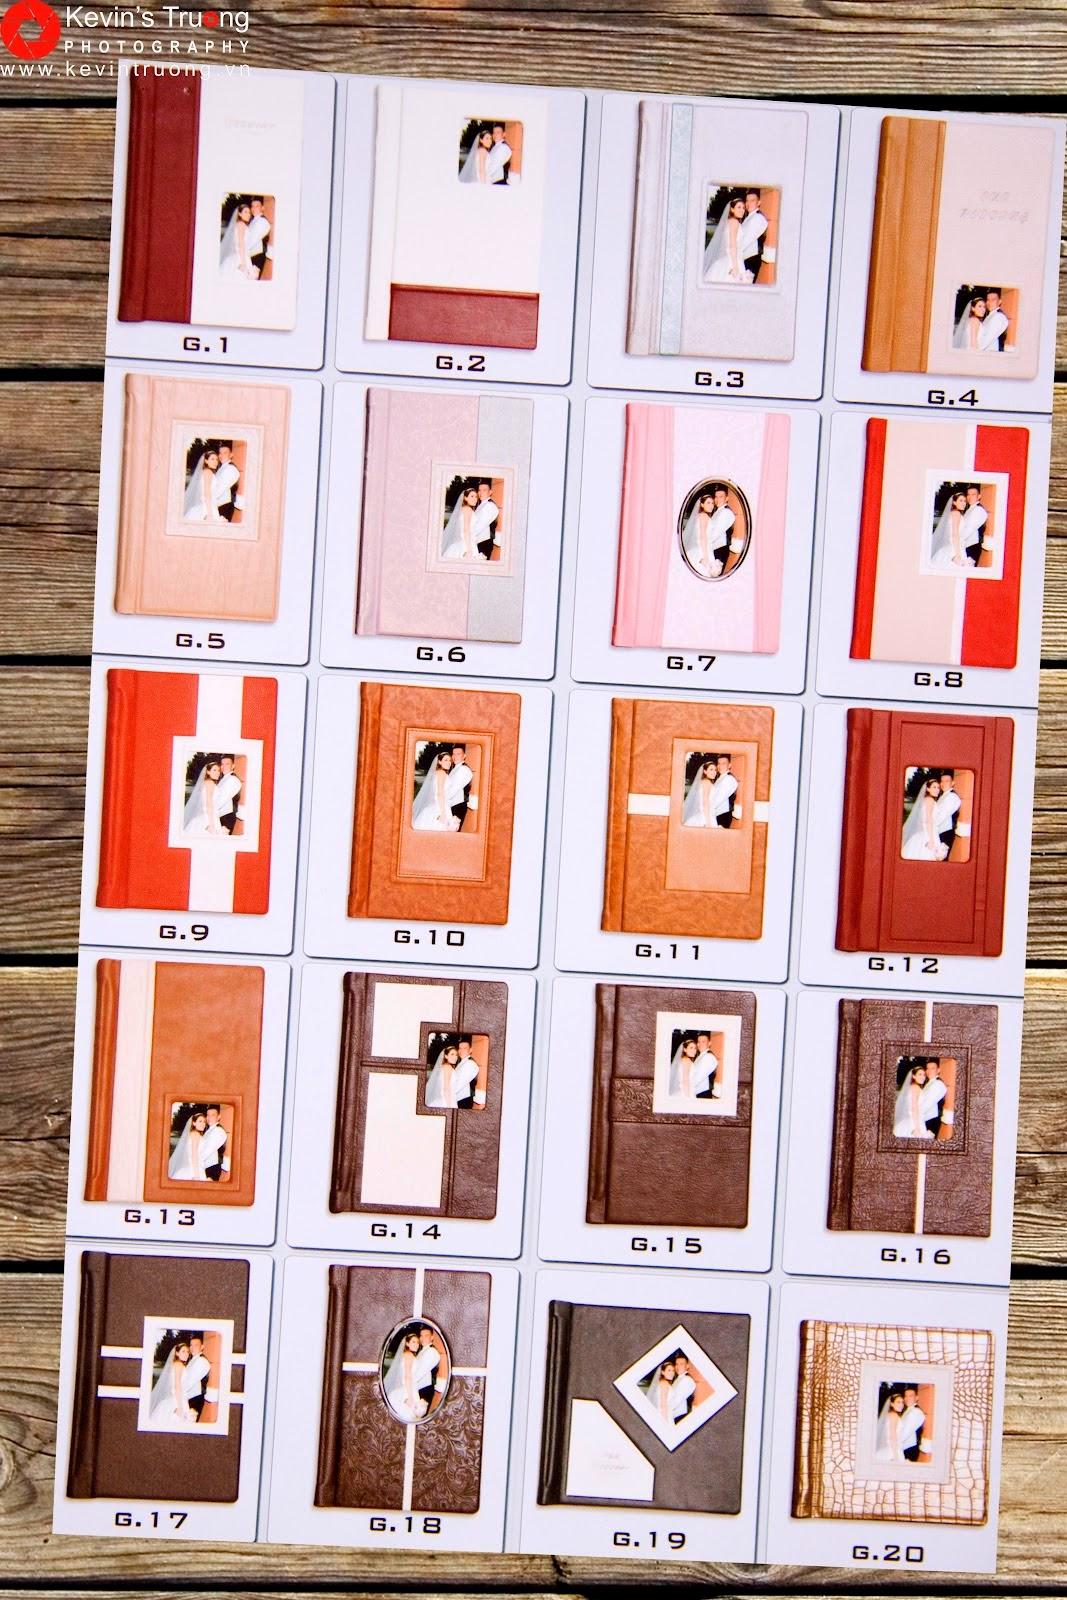 Gia Công-In Album Cát Kim Tuyến-Album 3D,Photobook,Ép gỗ các loại - 13